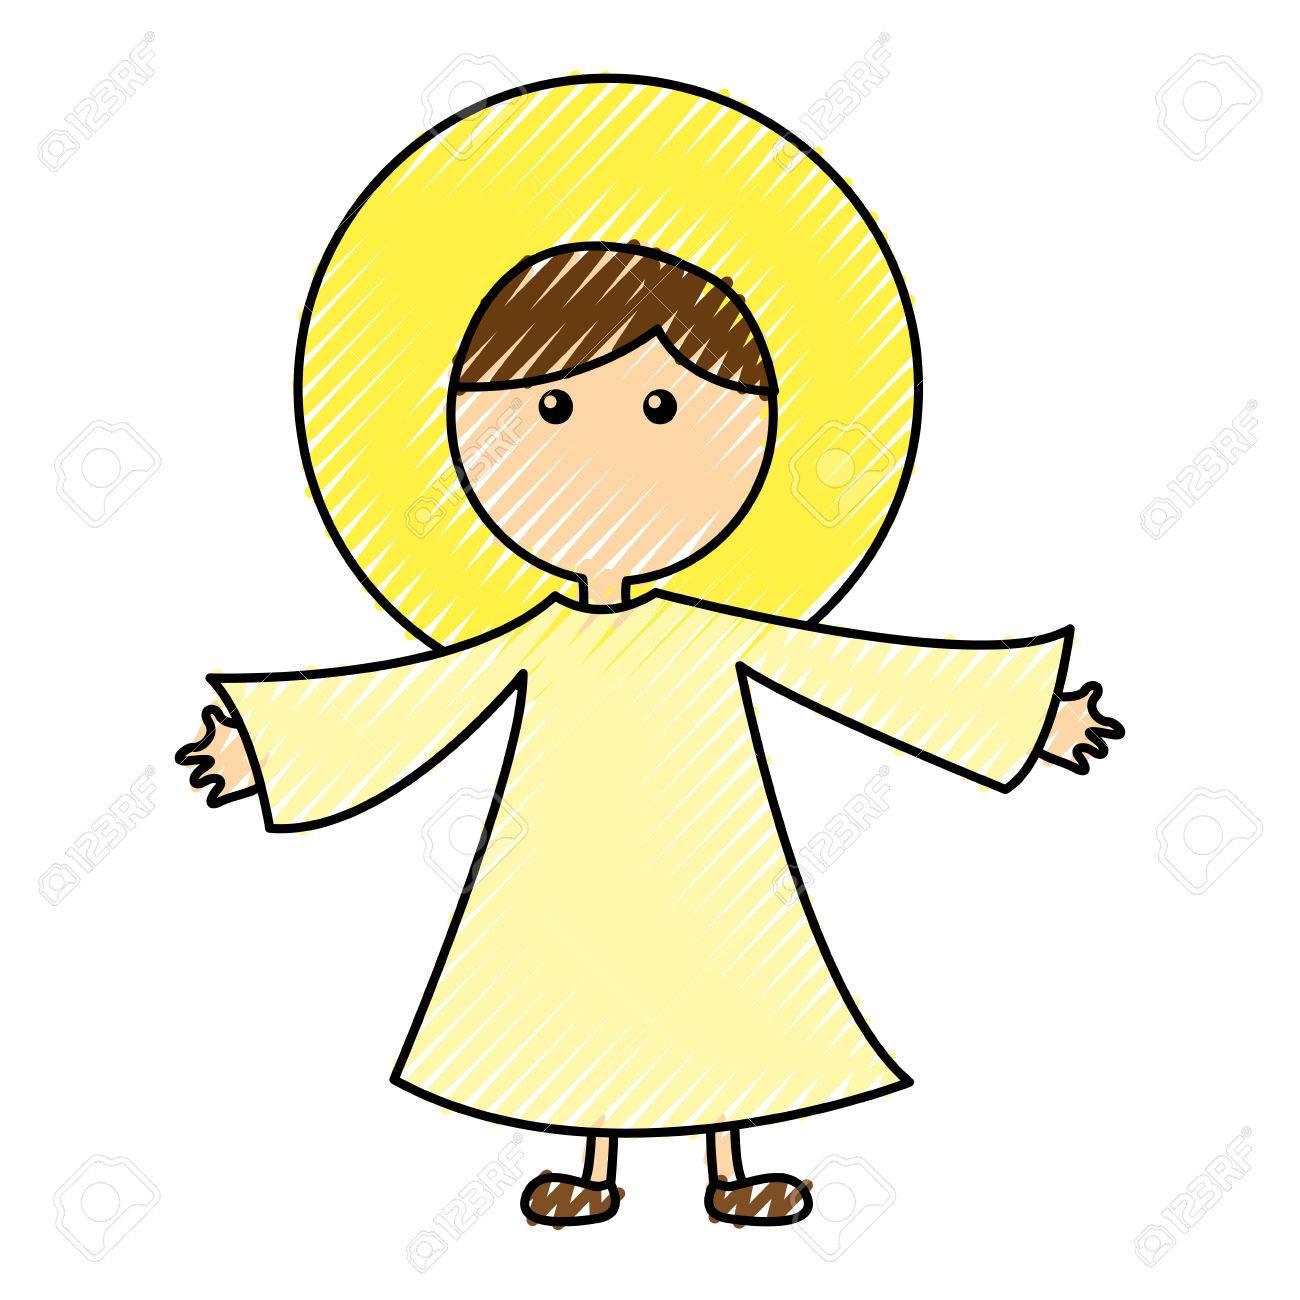 Little Jesus Baby Manger Character Vector Illustration Design Stock